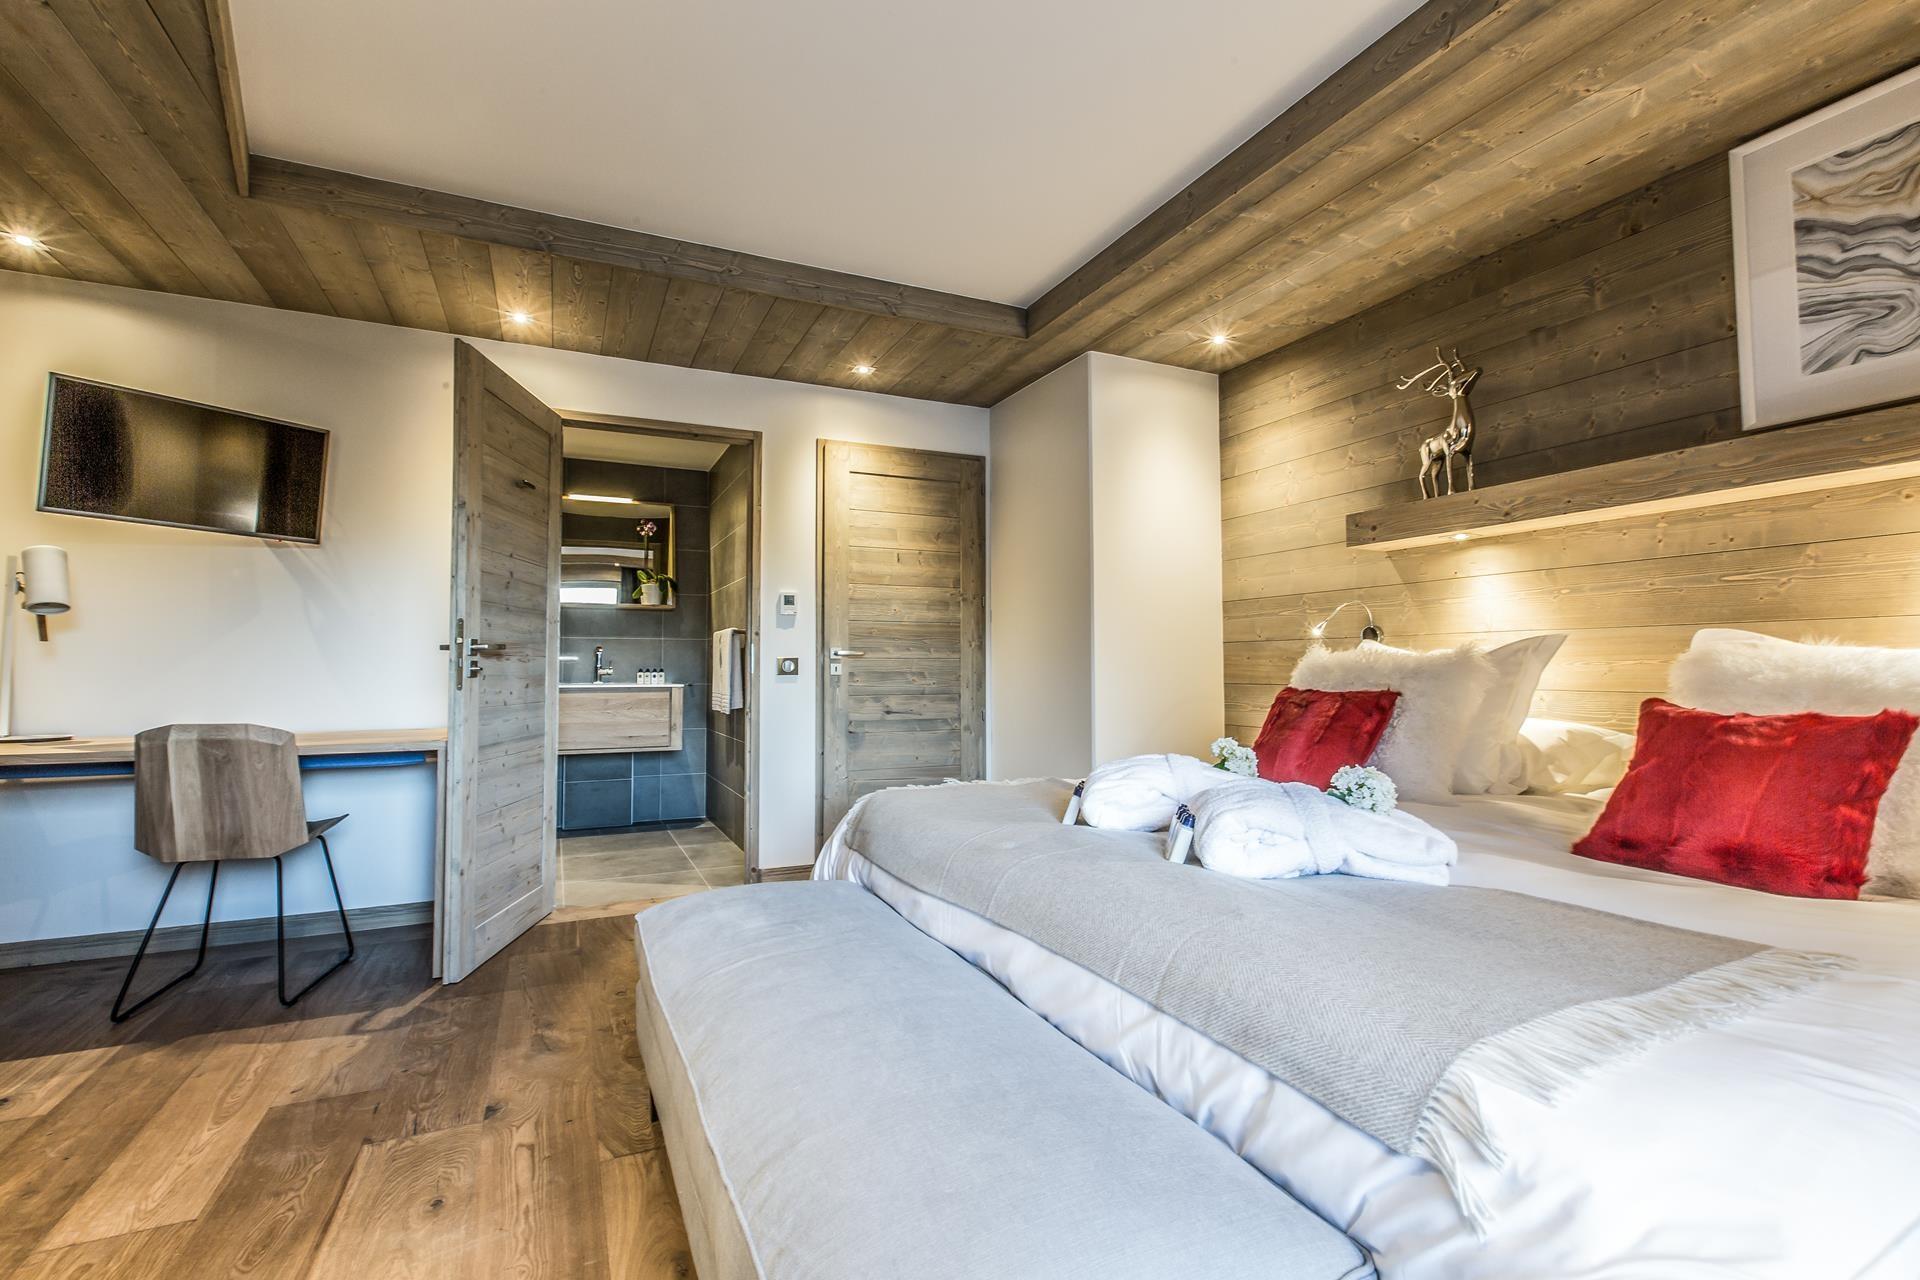 Courchevel 1650 Location Appartement Luxe Akorlonte Chambre 2